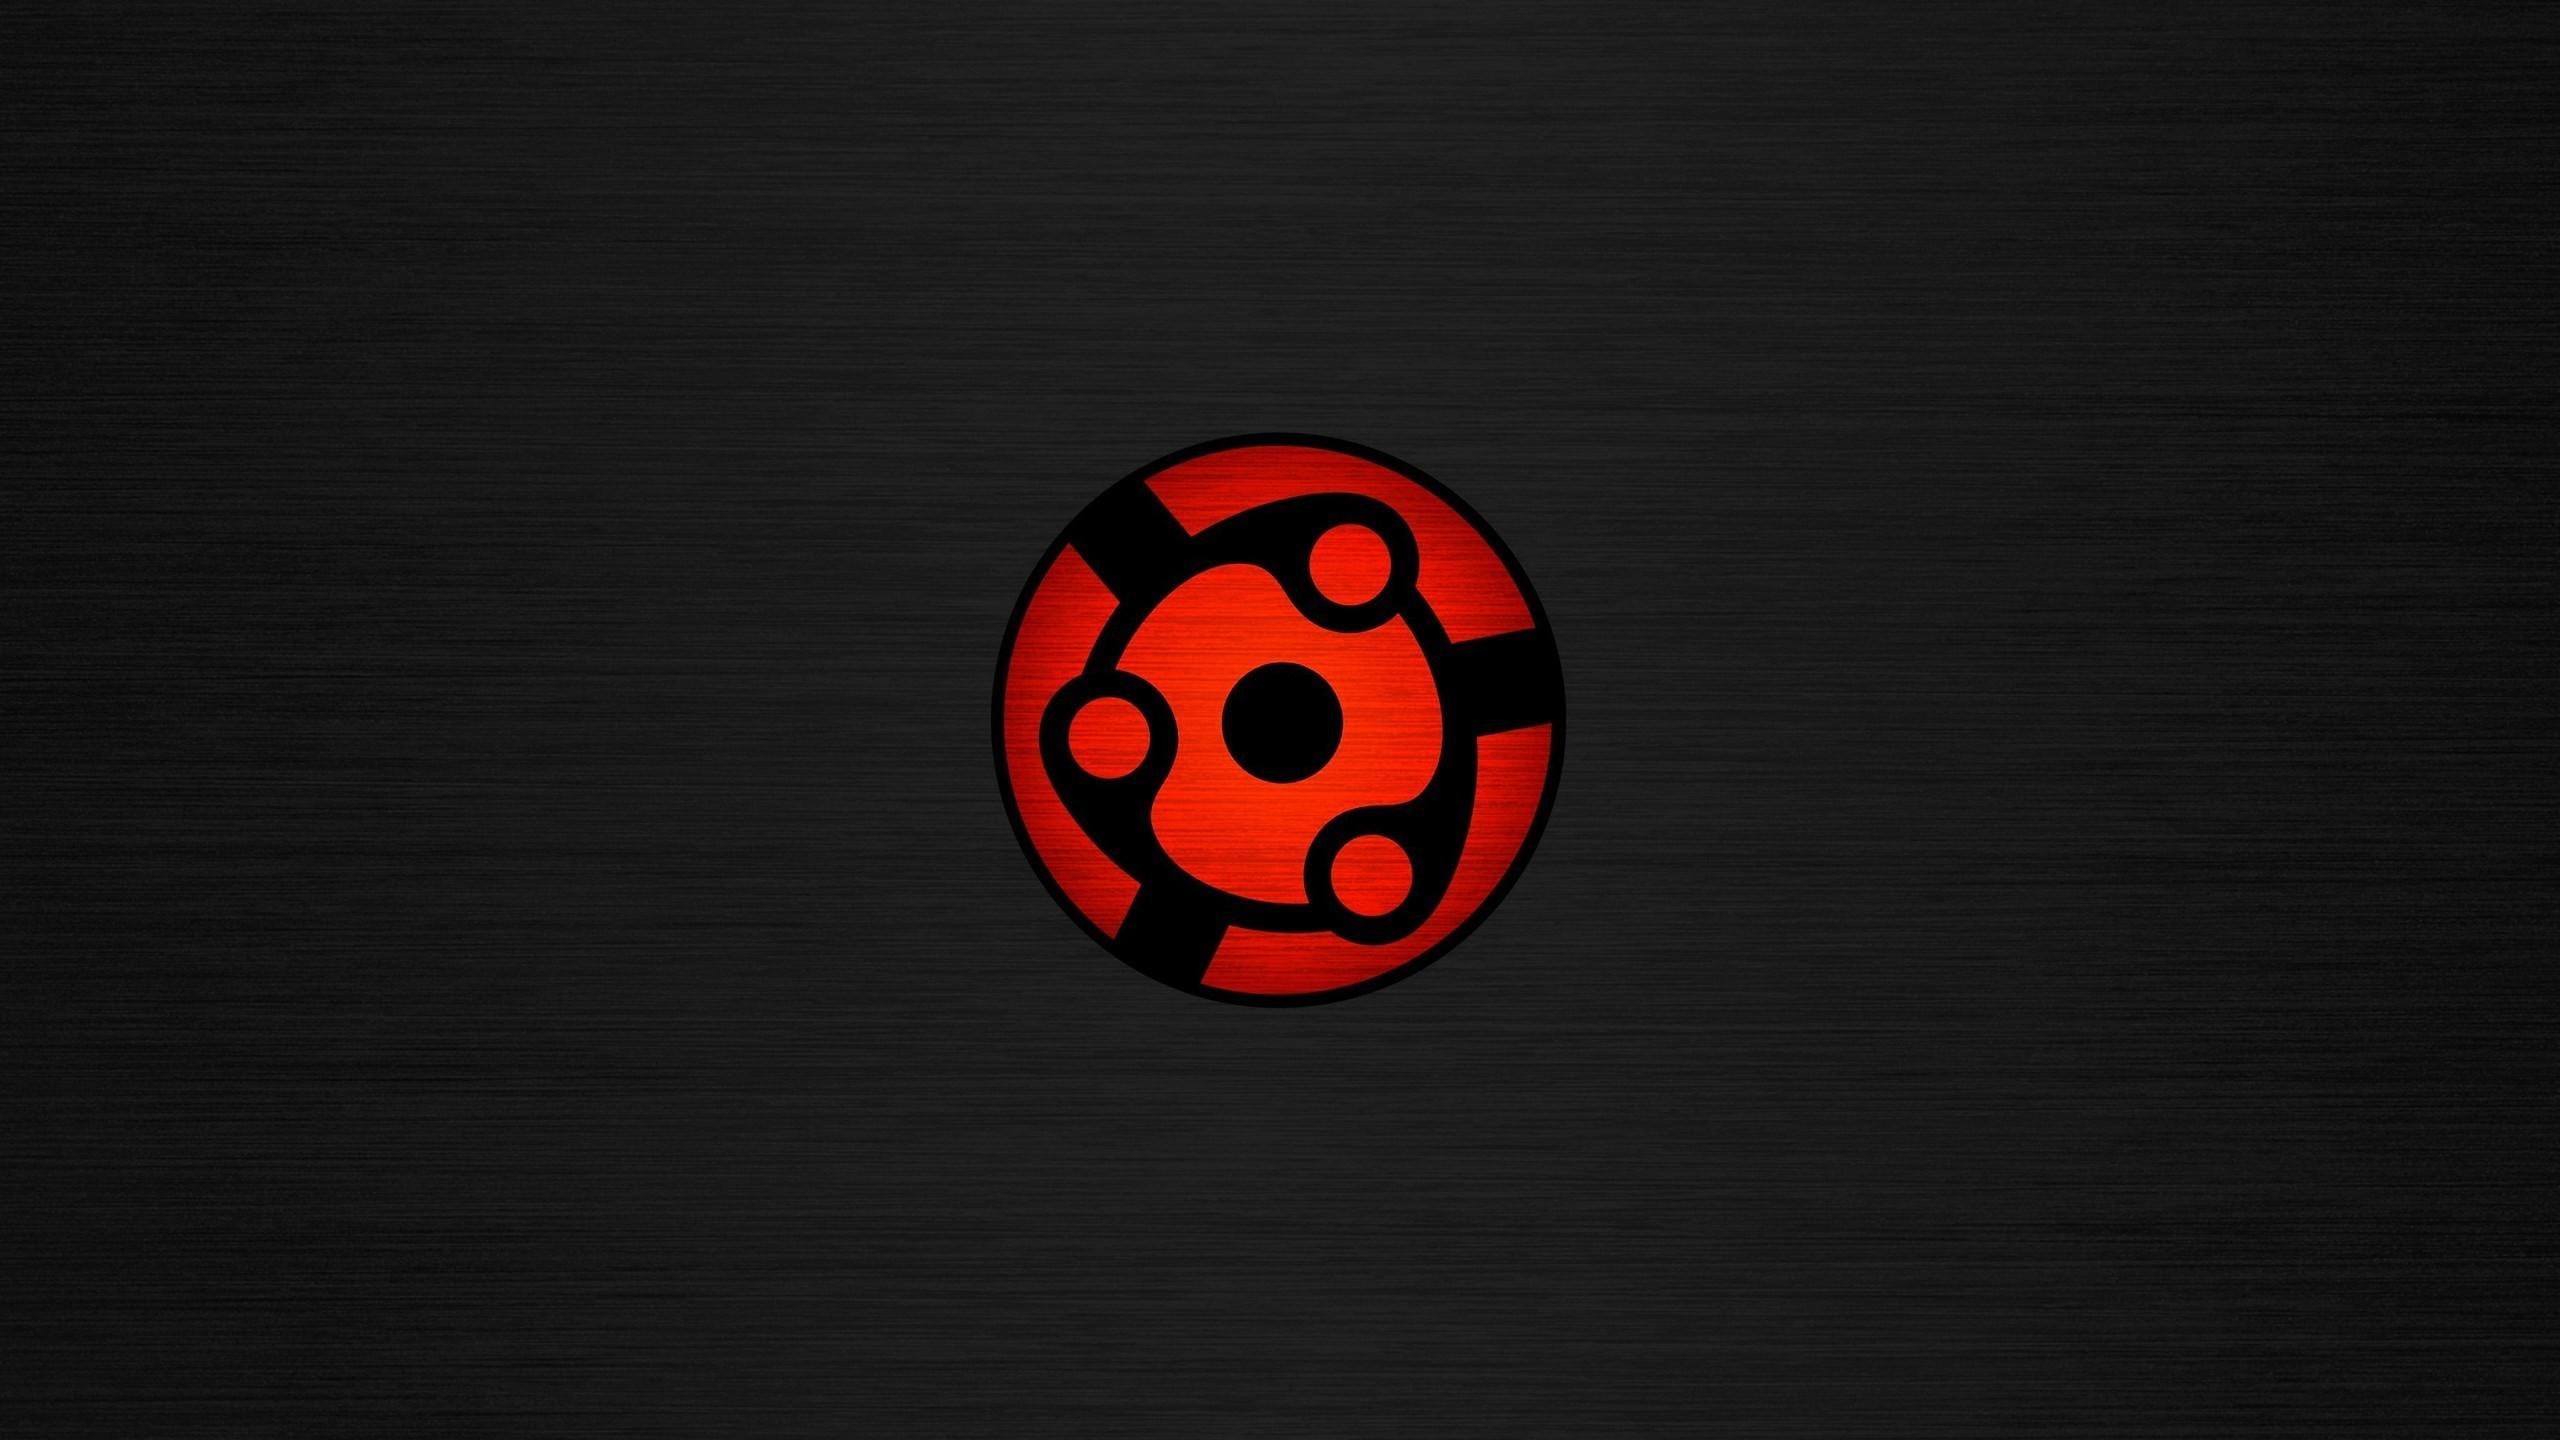 Naruto Kyuubi Mode Wallpaper Hd Sasuke Mangekyou Sharingan Wallpaper 63 Images